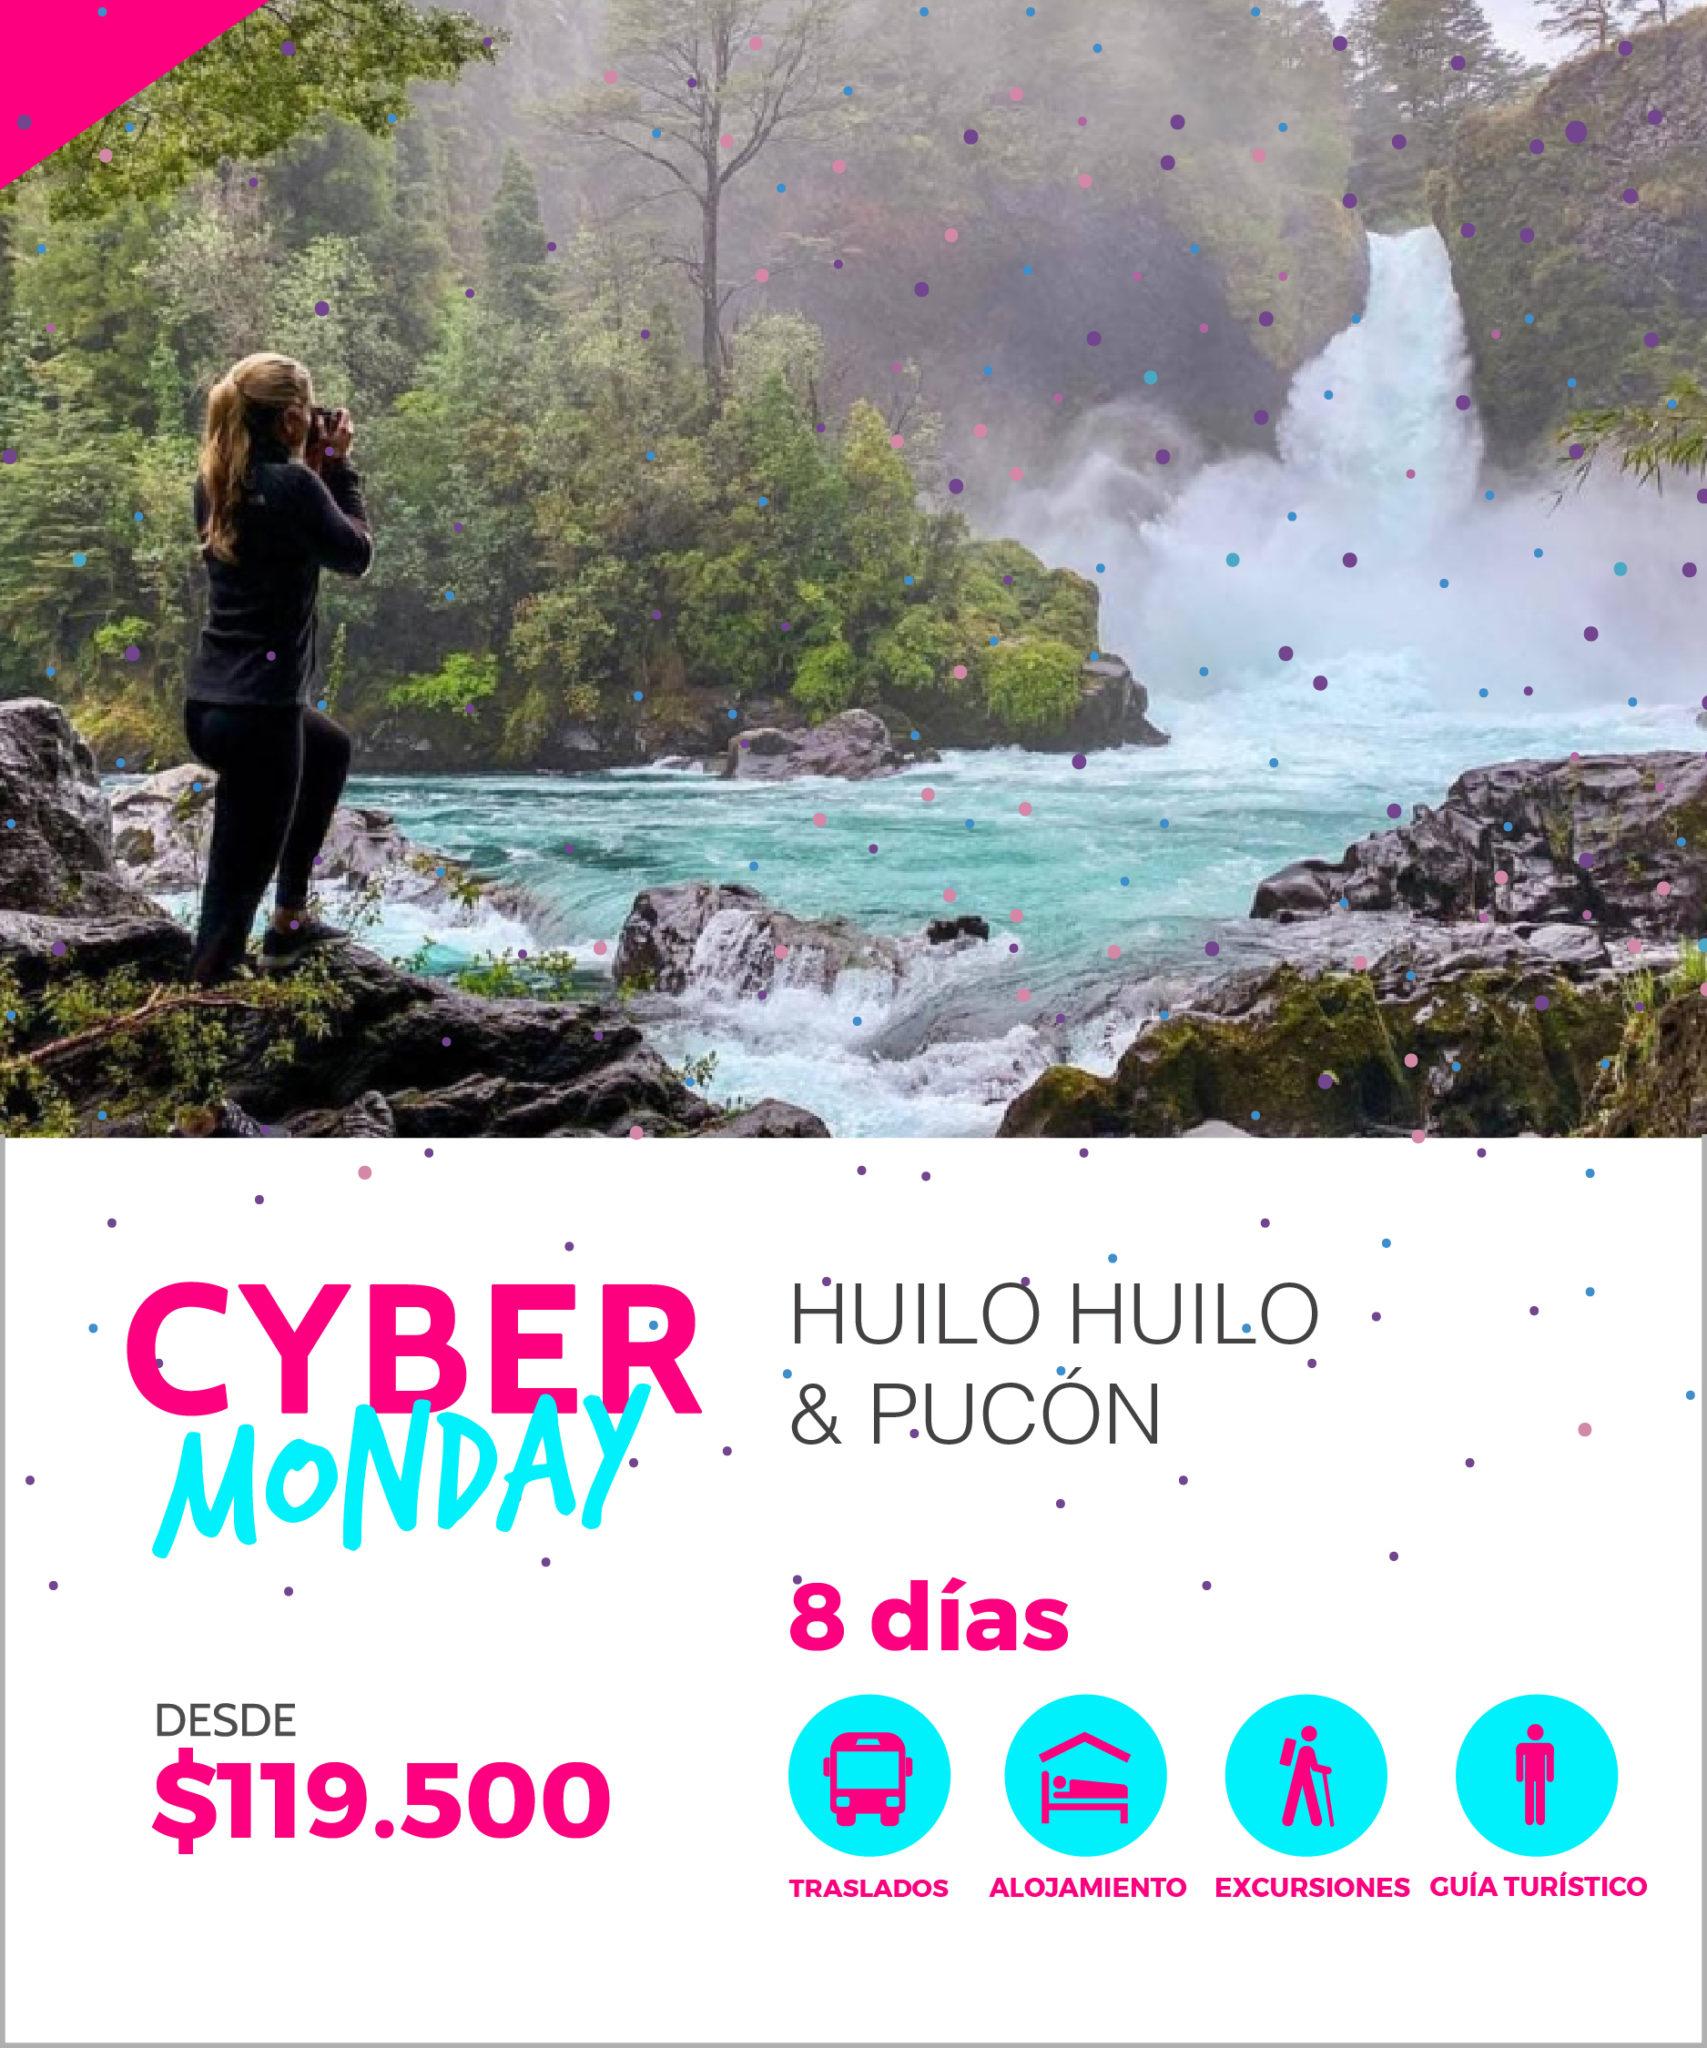 HUILO HUILO & PUCON